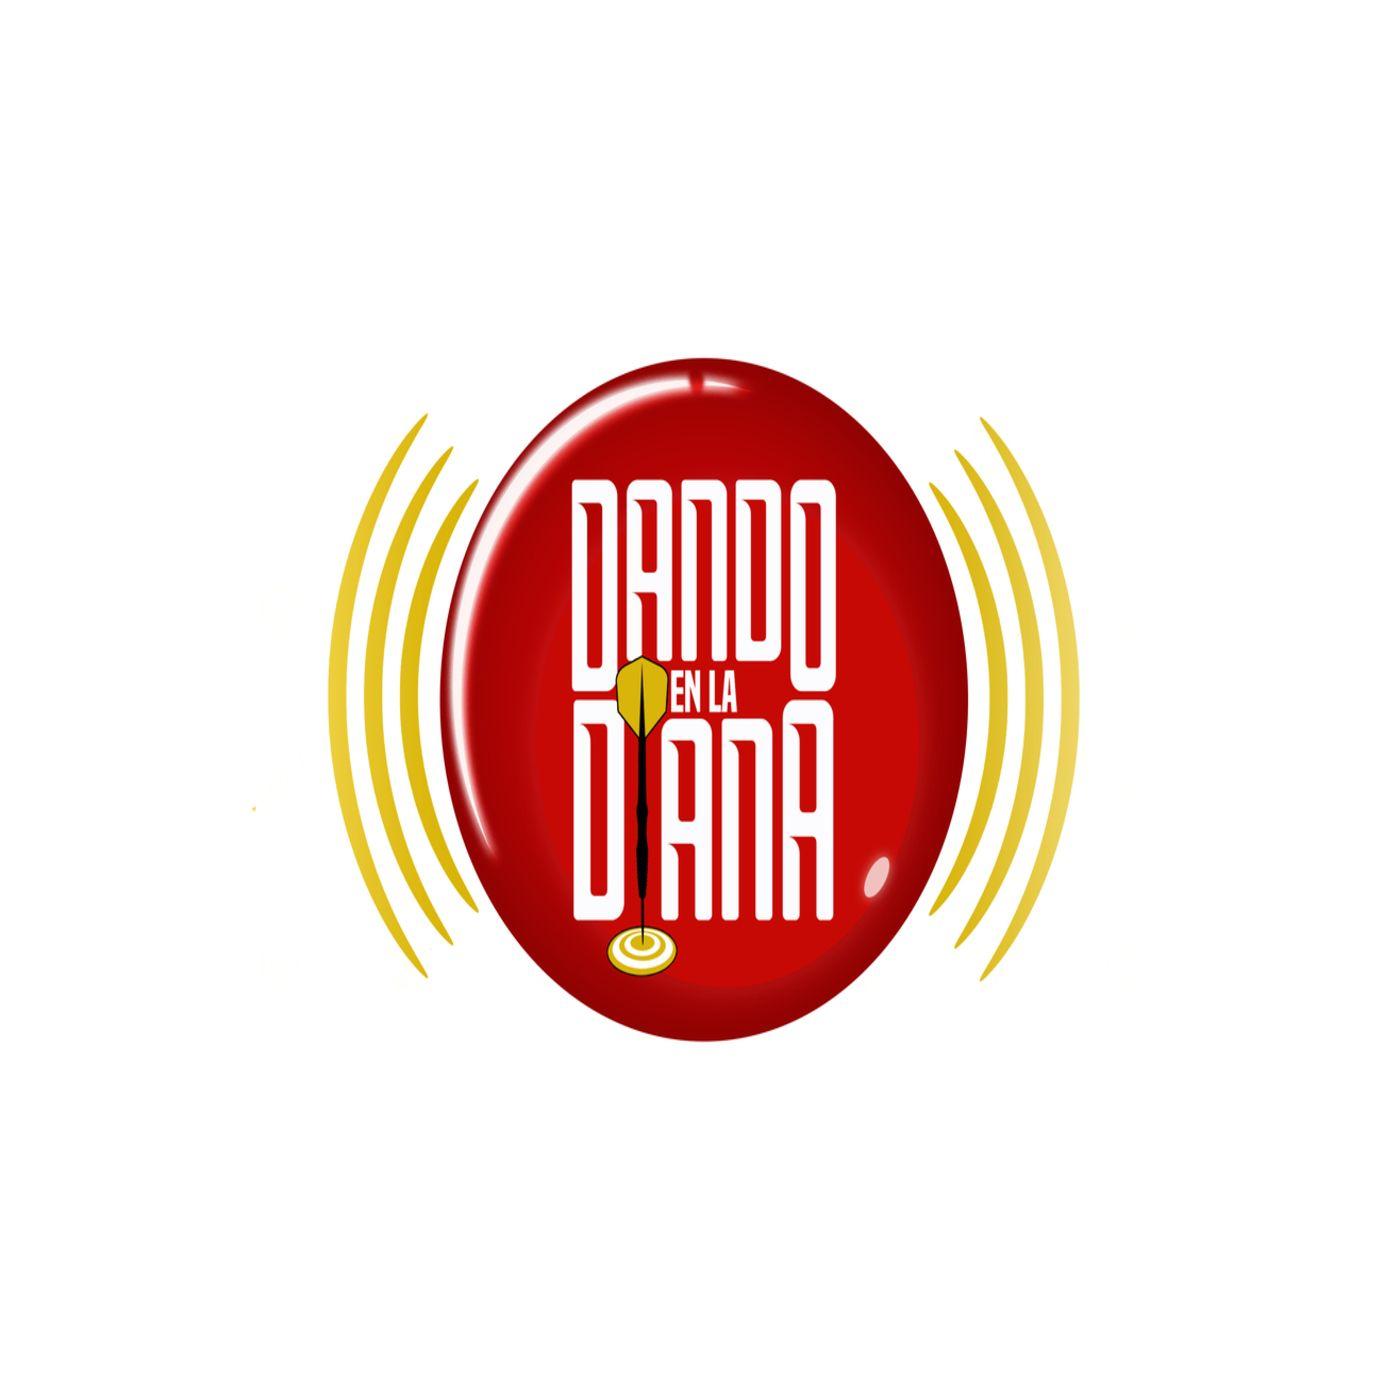 Dando en la Diana - Episodio 82 - 22 Diciembre 2020 - Joemil El Tipo / Ing. Camilo